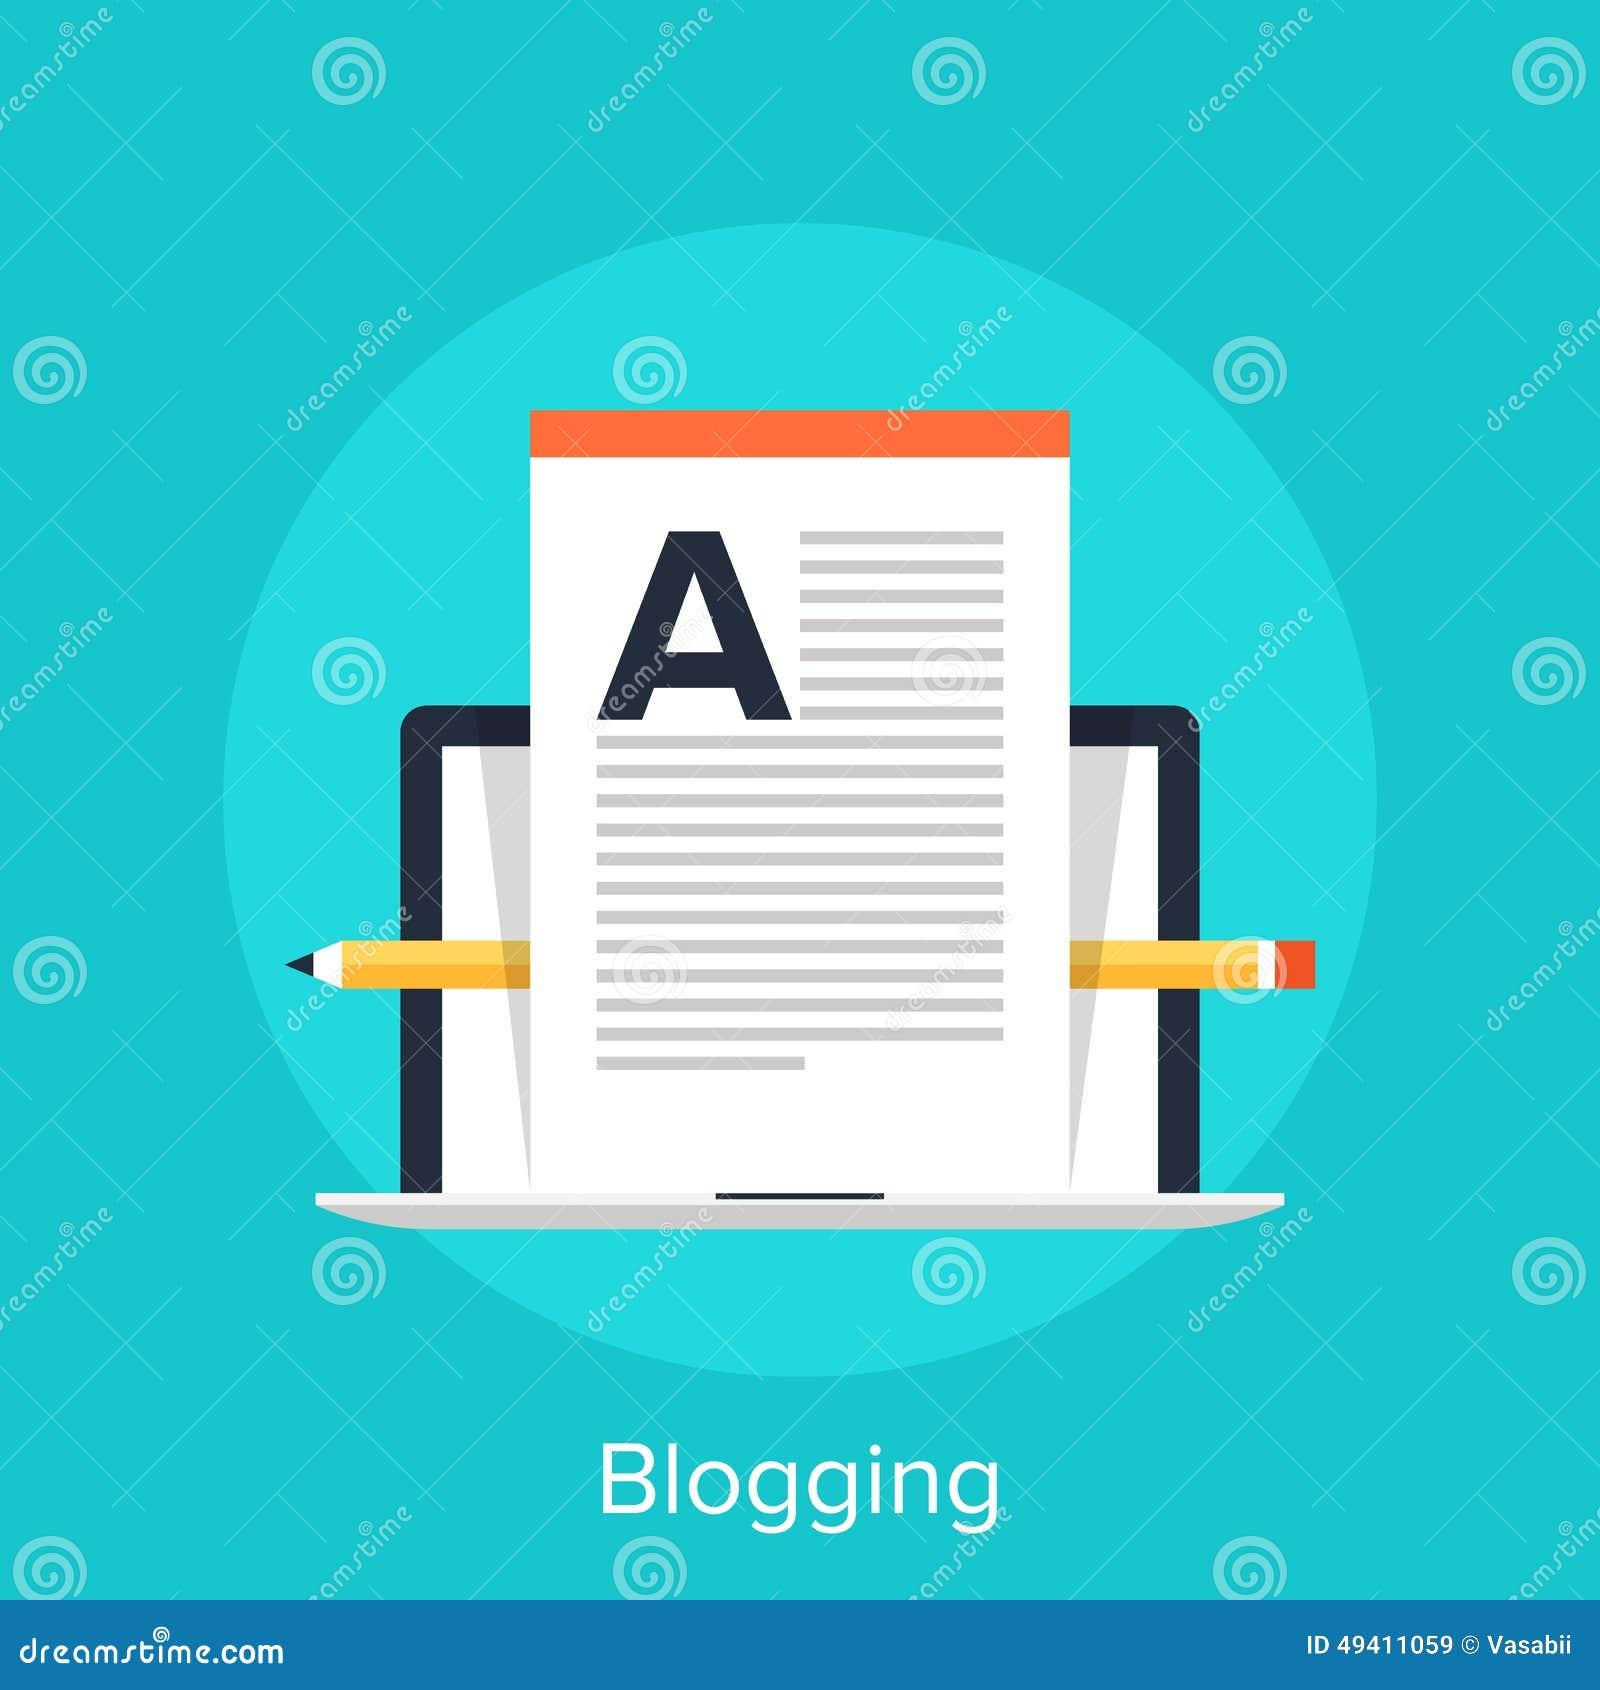 Download Blogging stock image. Image of copywriting, landing, email - 49411059